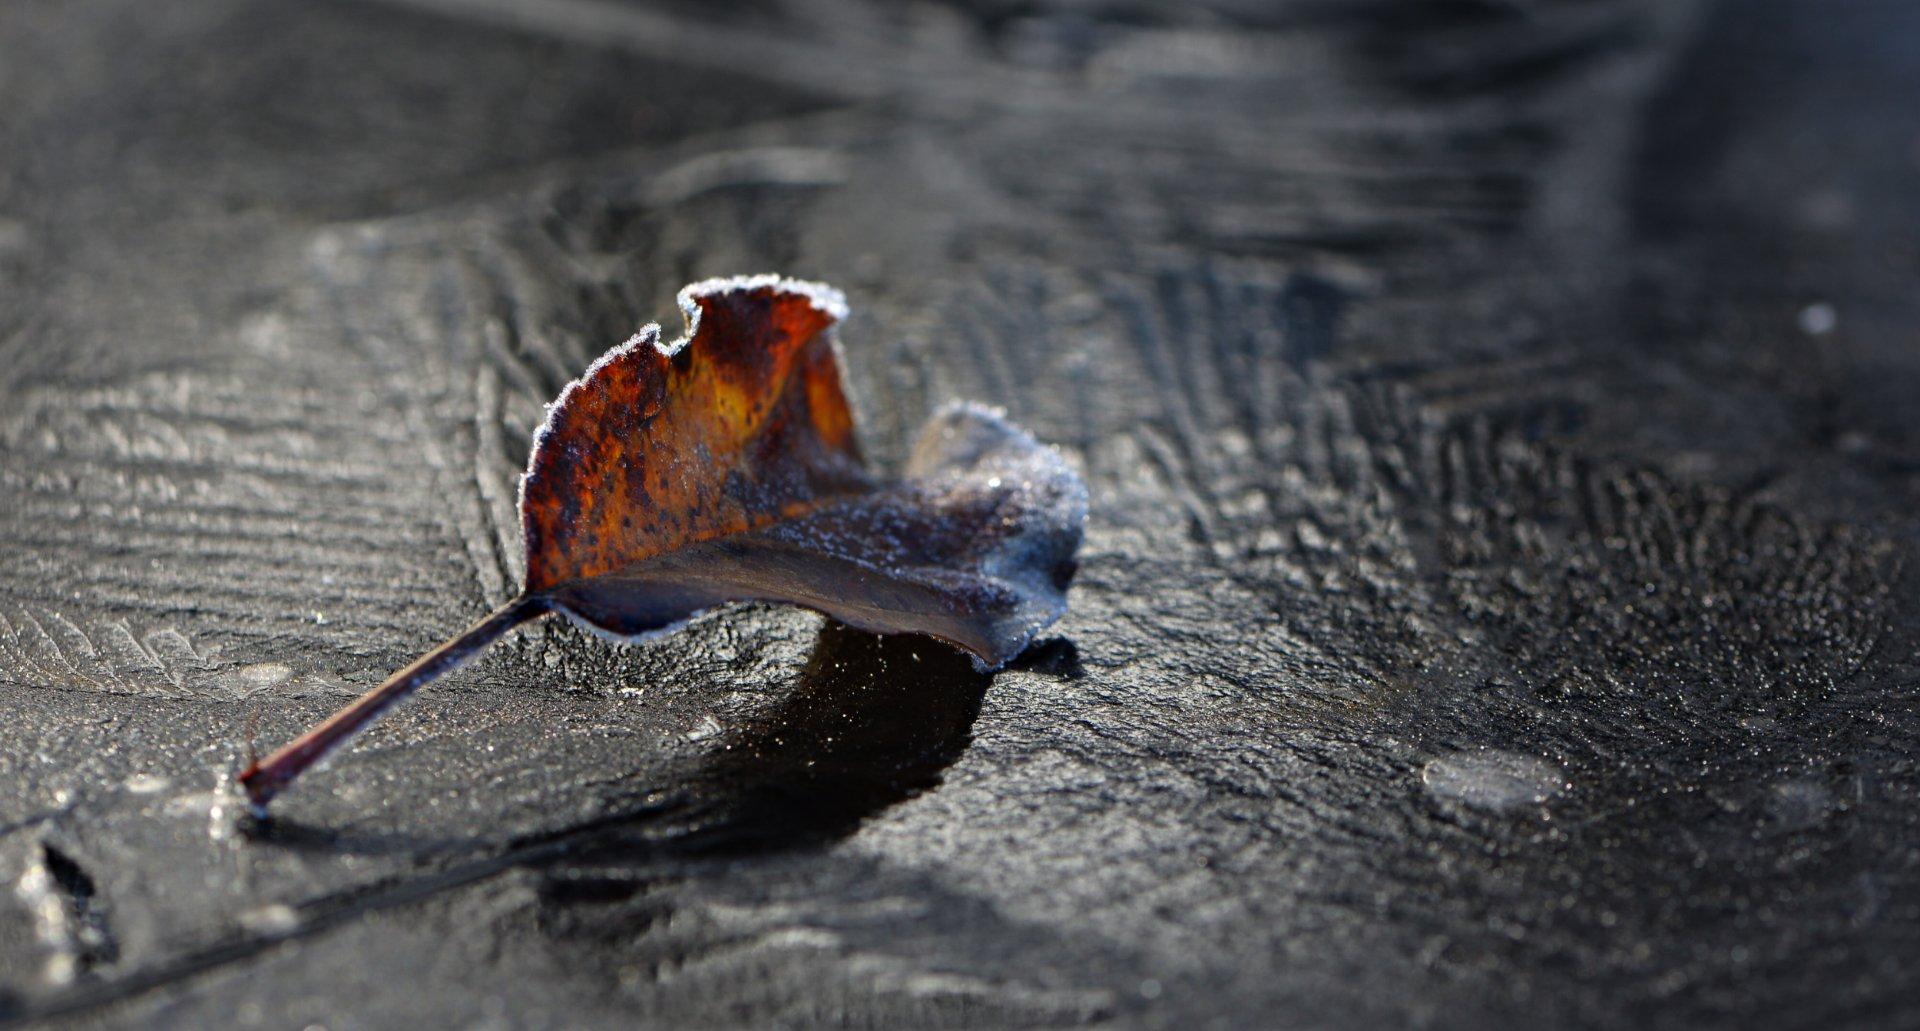 природа, макро, зима, опавший лист, лед, Неля Рачкова